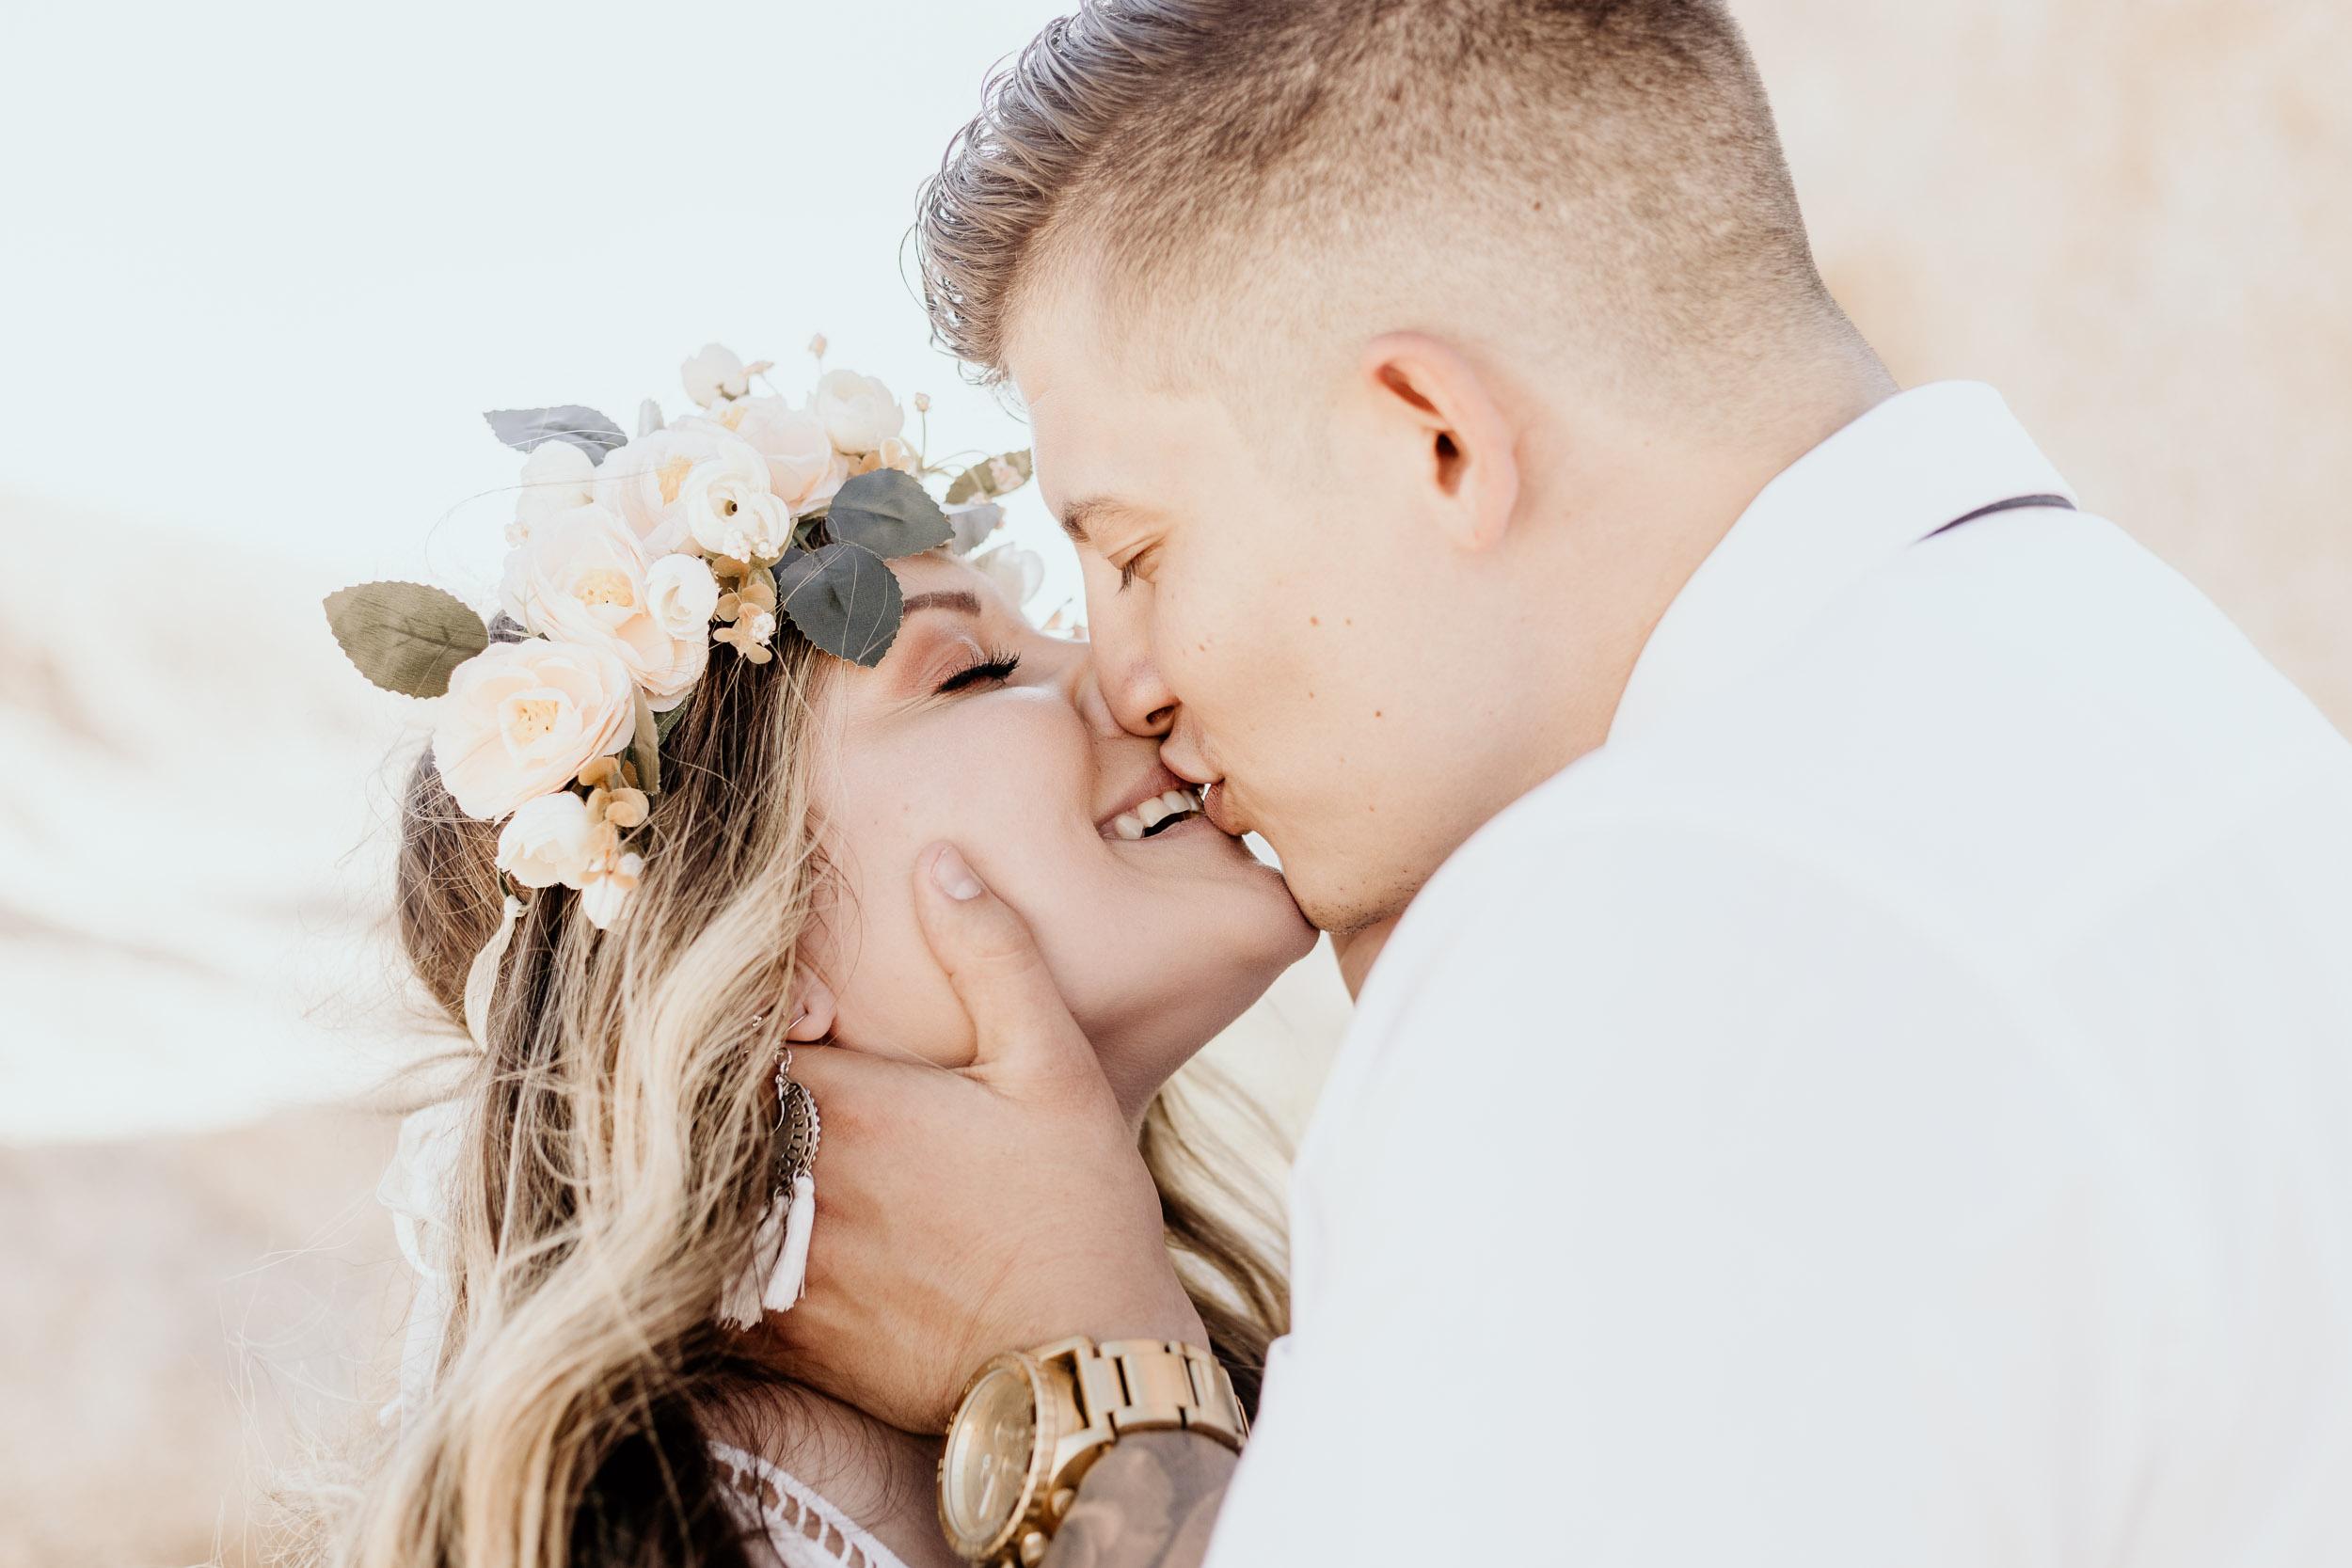 intimate-wedding-elopement-photographer-ottawa-joshua-tree-0582.jpg